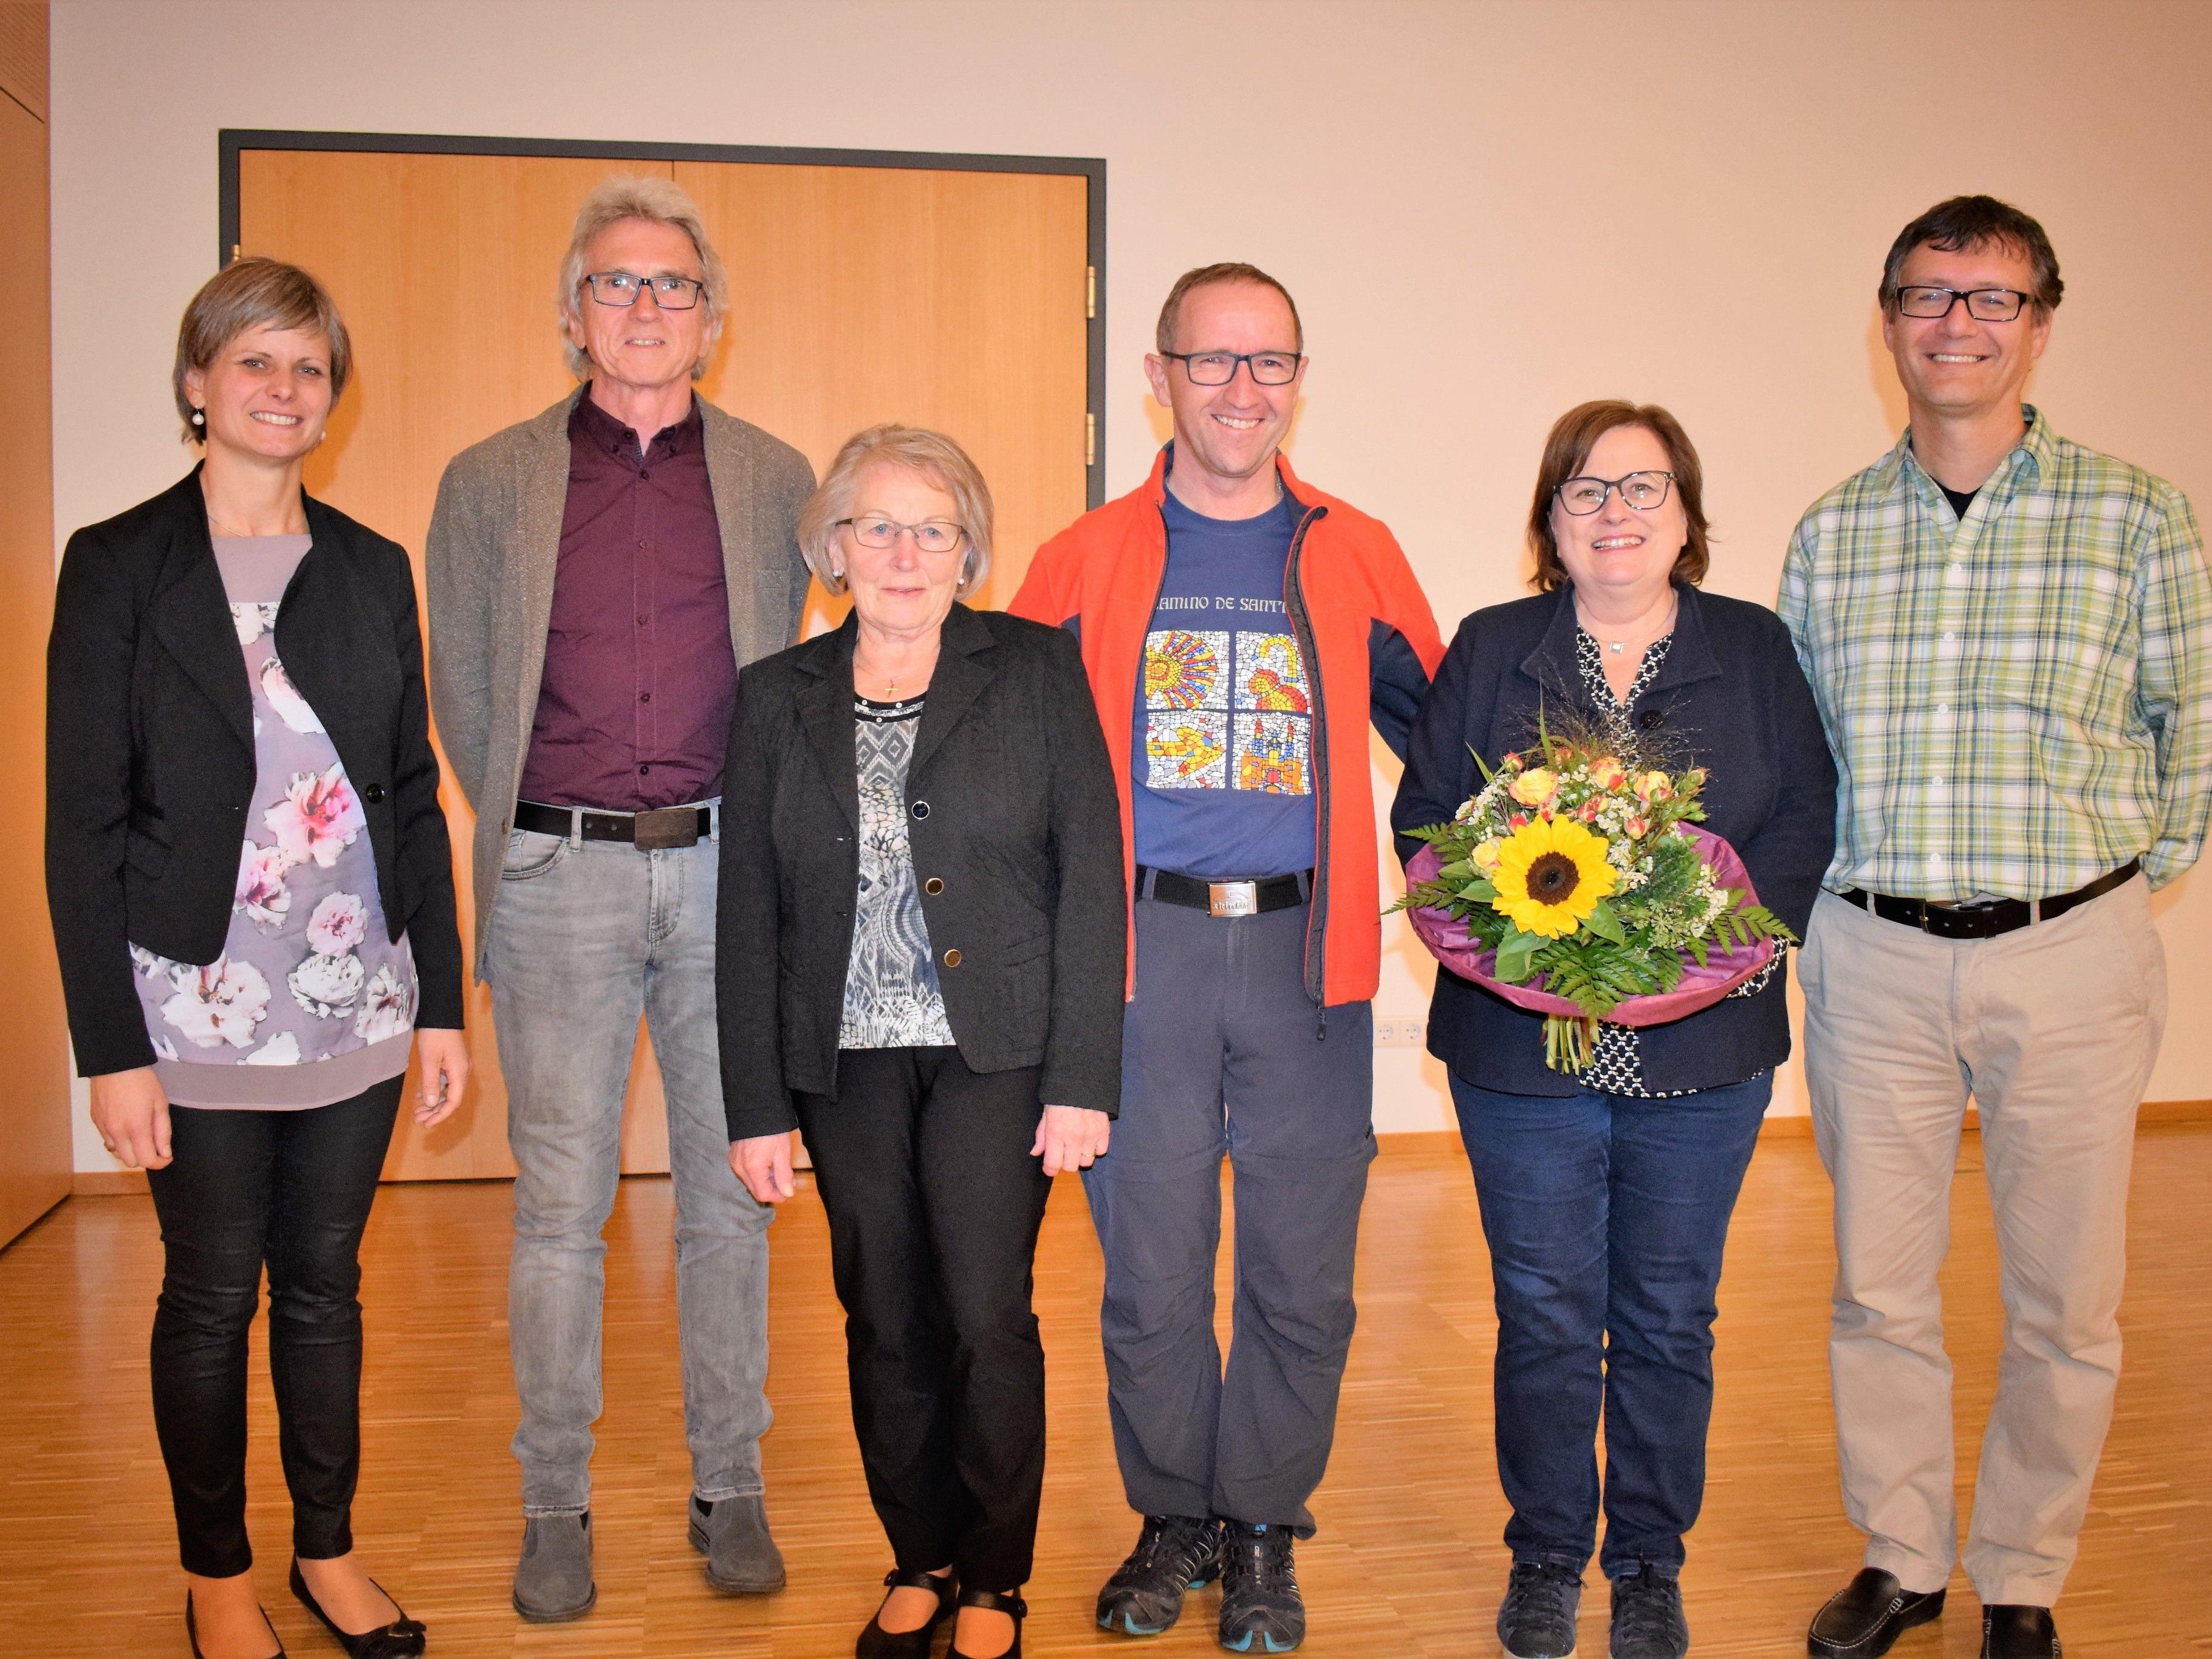 Bgm. Annette Sohler, Elred Lipburger, Luise Meusburger, Harald und Evelyn Pfanner und Thomas Berger-Holzknecht.